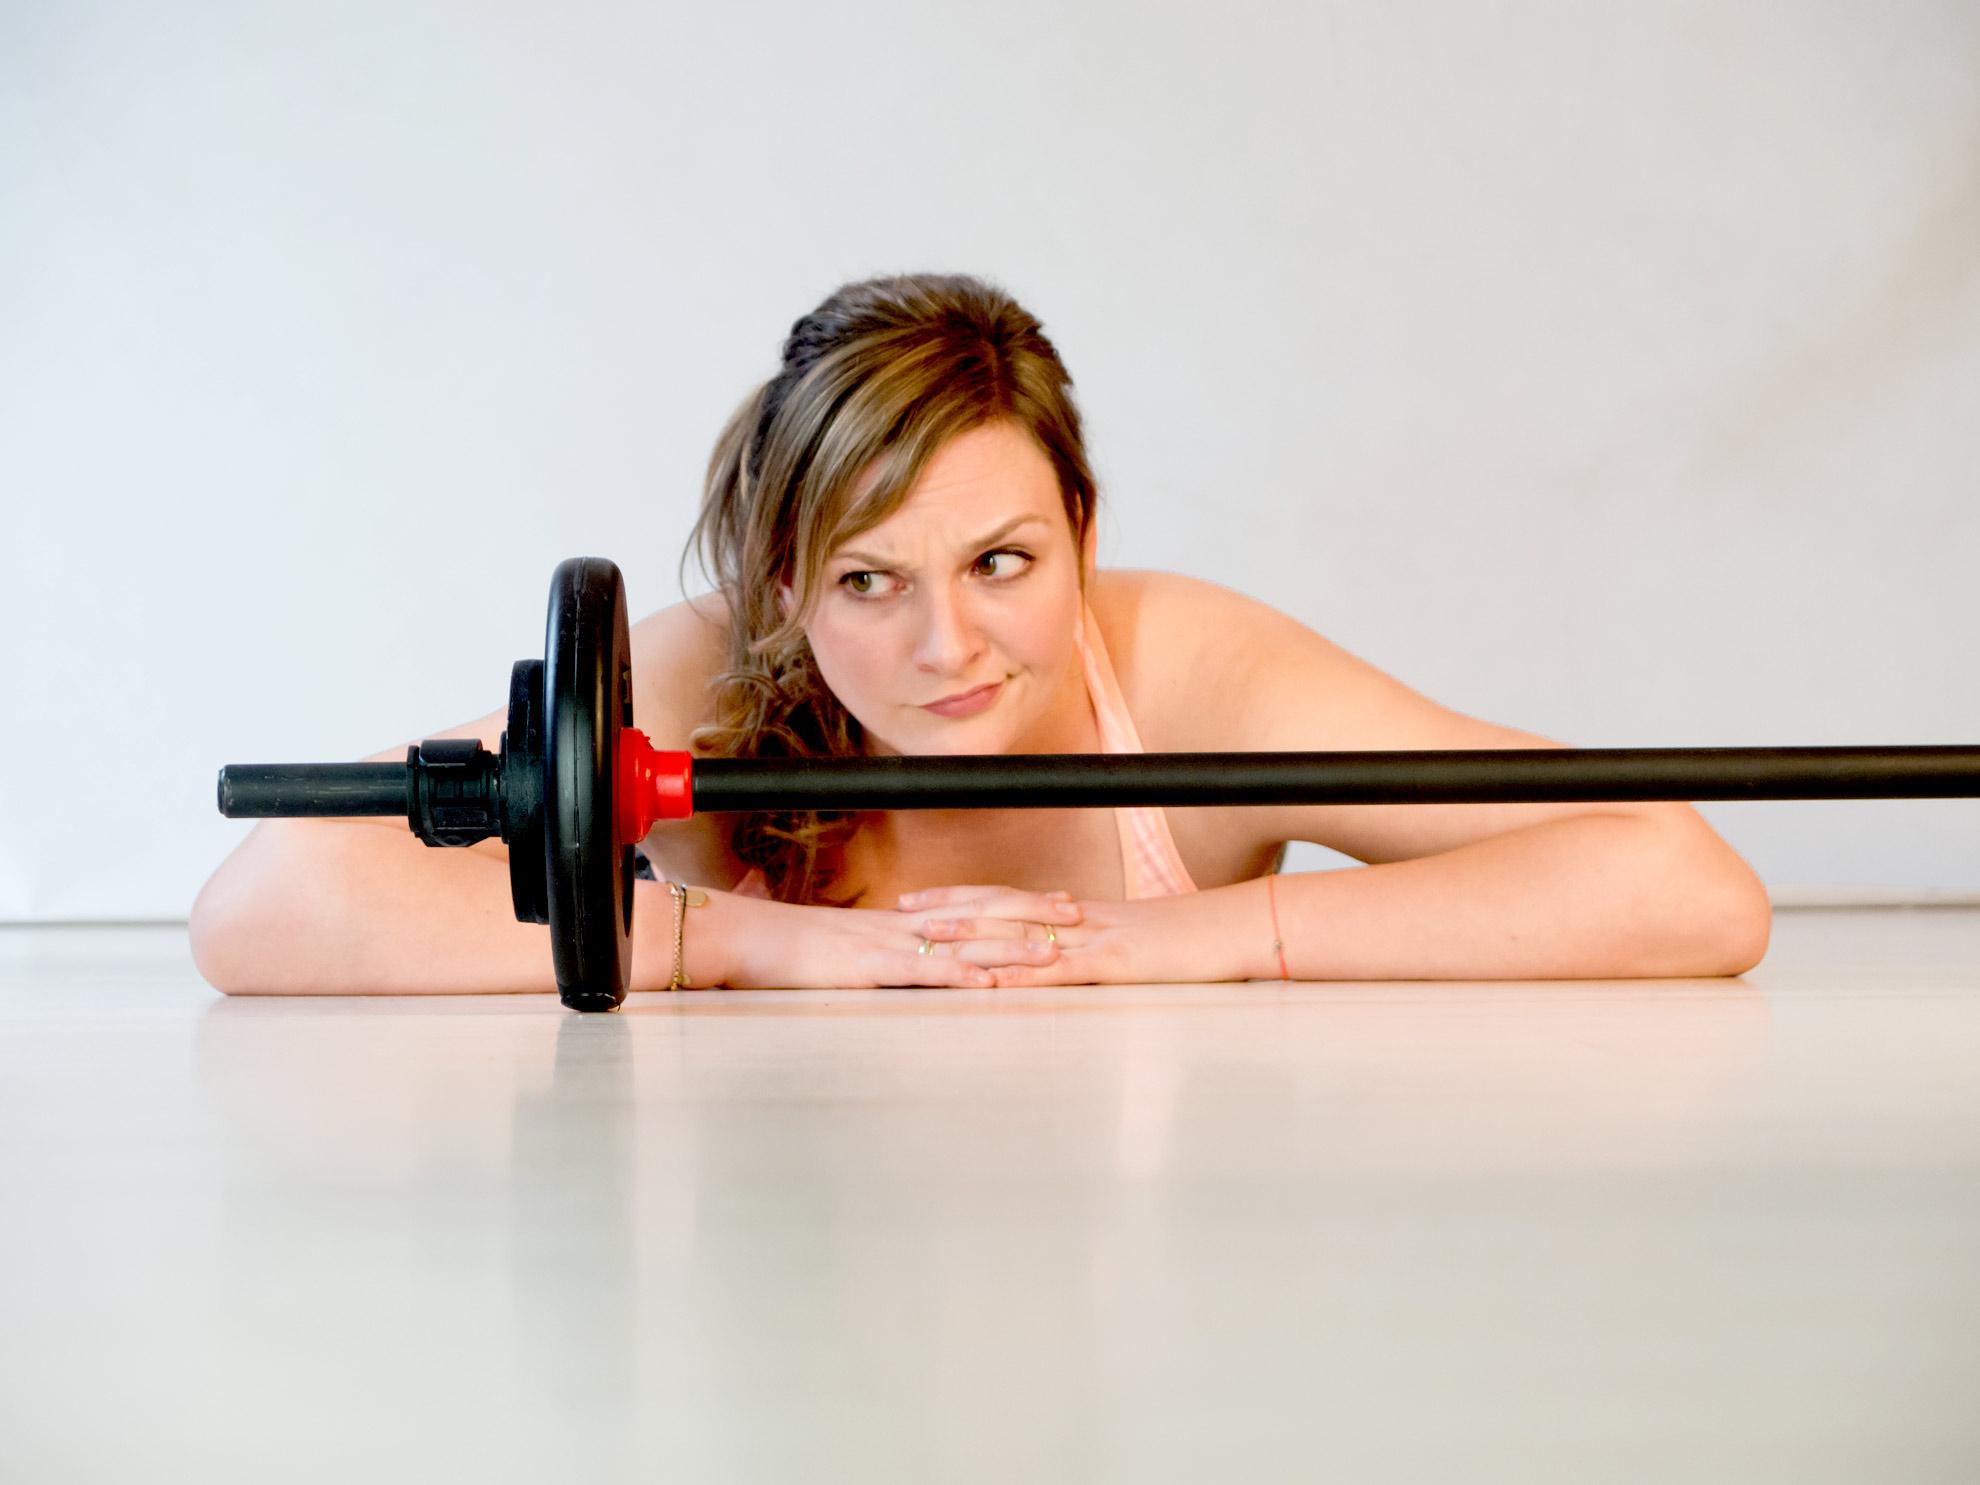 """Mein neuer Blog heißt """"Ich mach dann mal Sport"""". Credit: dasfotostudio.de / Margot Schönrock-Kimmich / ichmachdannmalsport.de"""